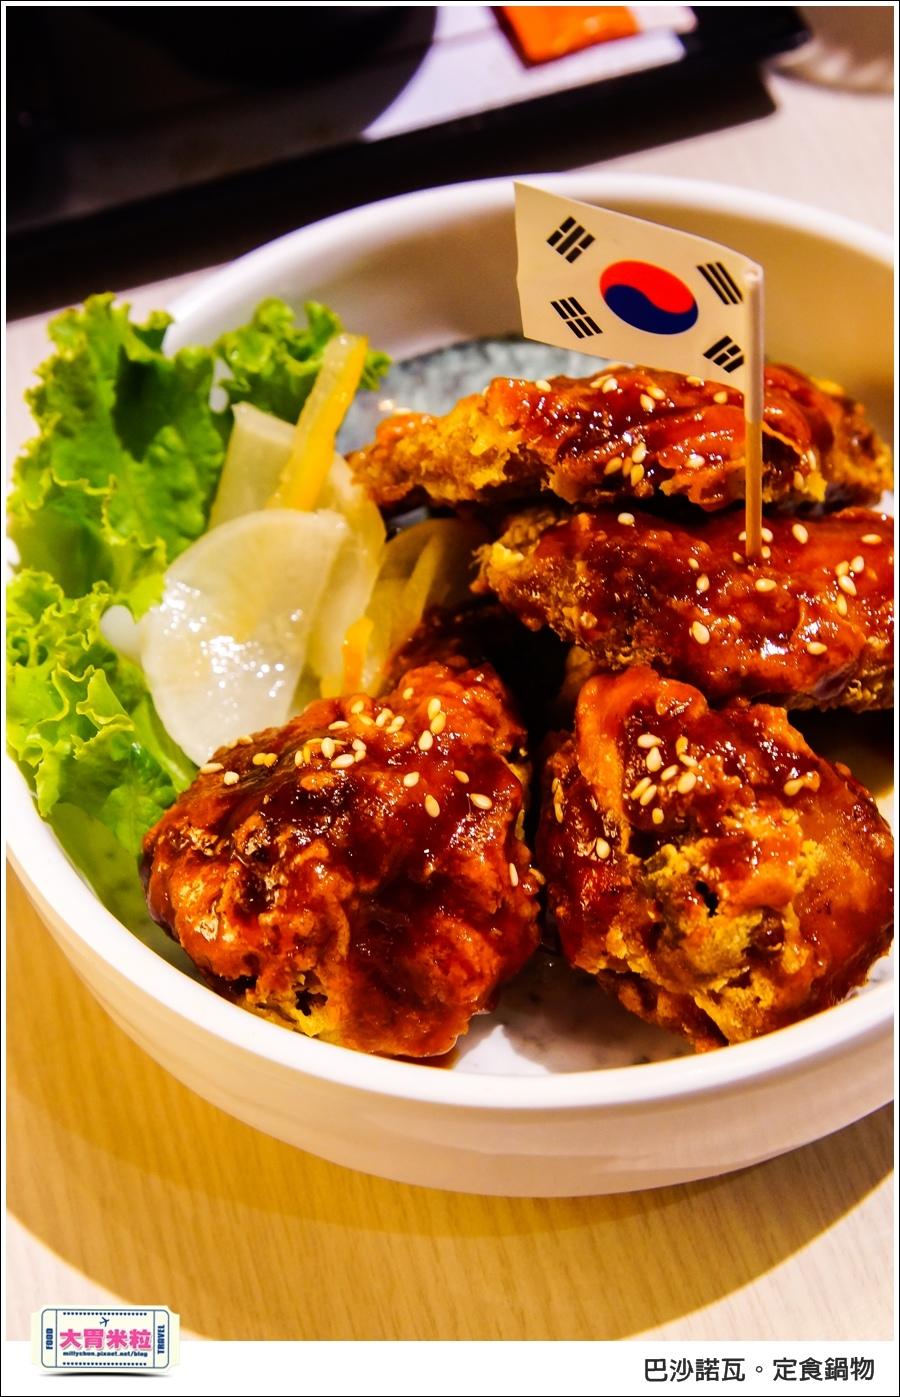 高雄巴沙諾瓦定食鍋物@高雄簡餐推薦@大胃米粒0042.jpg